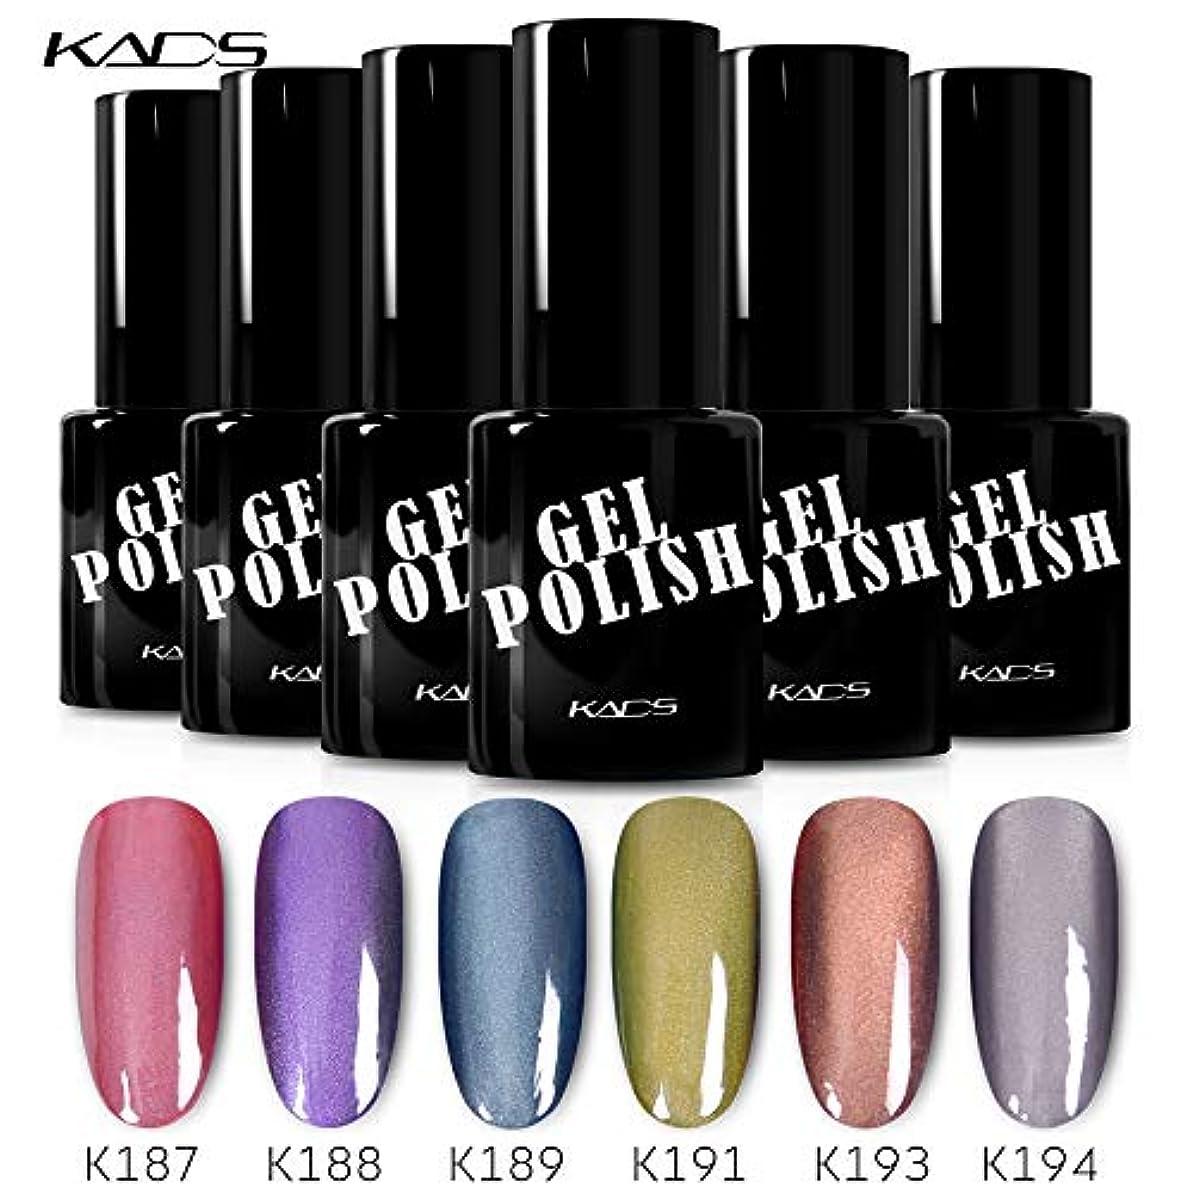 刈る純正居間KADS カラージェル 6色入り キャッツアイジェルネイル グリーン/ピンク/グレー カラーポリッシュ UV/LED対応 艶長持ち